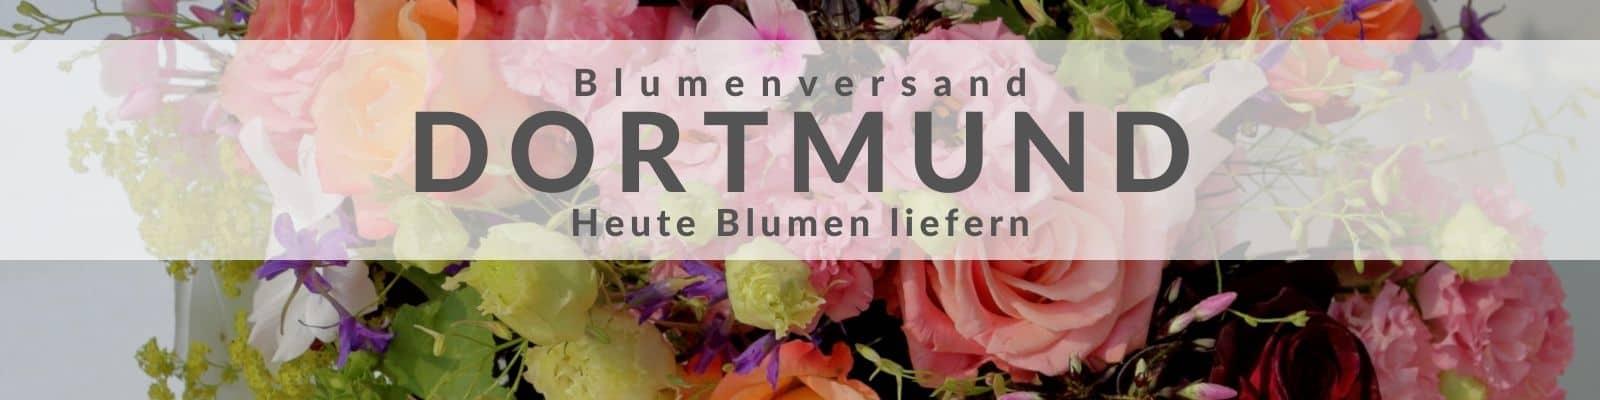 Blumen verschicken Dortmund - Blumenversand